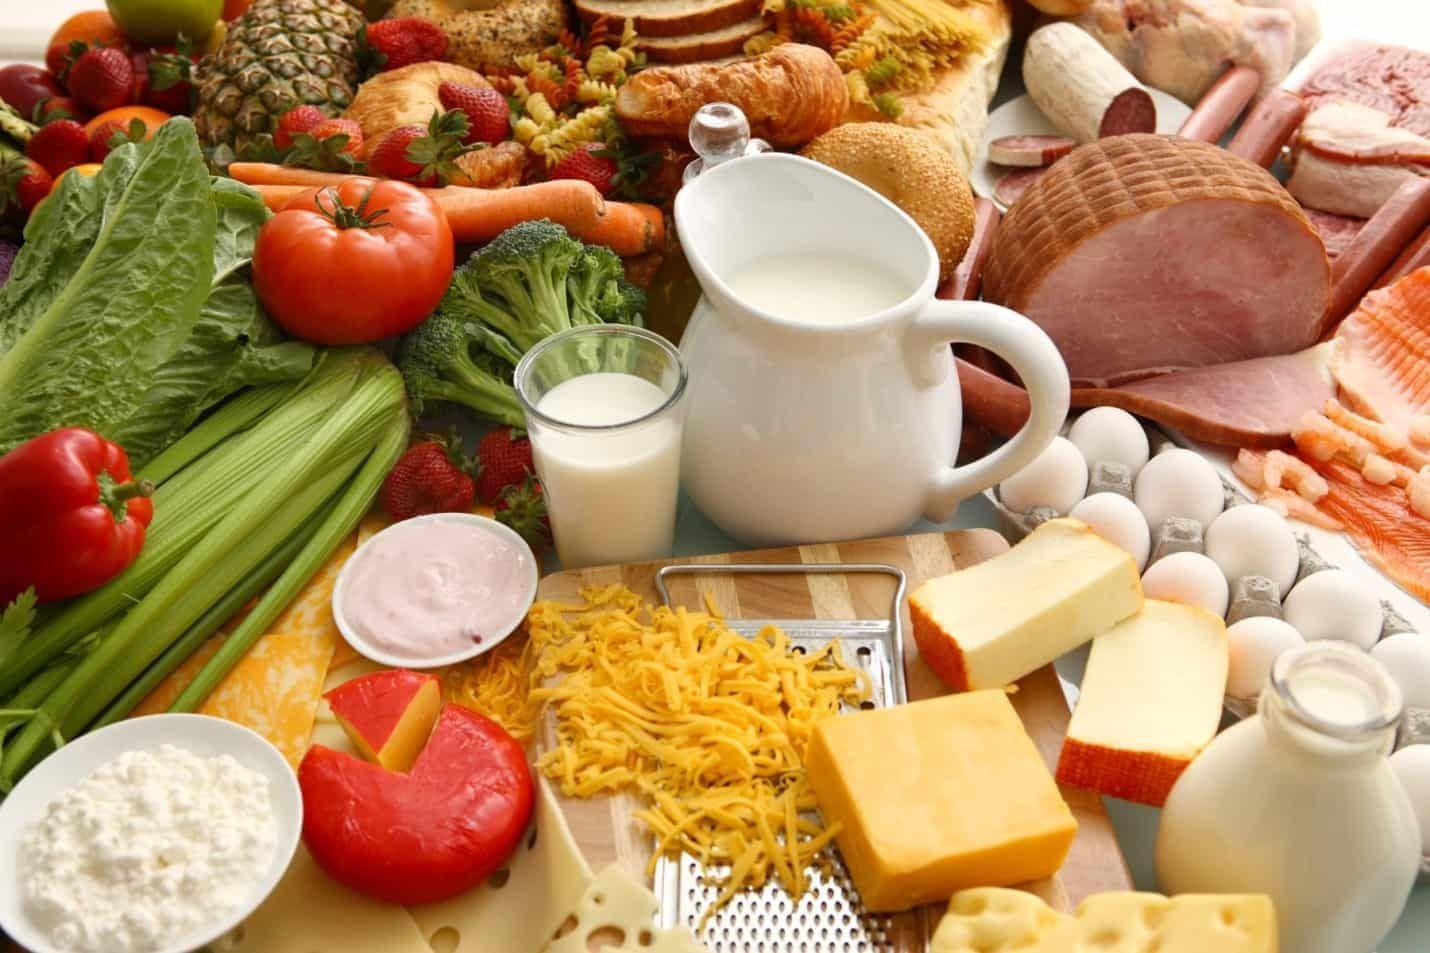 Một chế độ ăn uống khoa học, cân bằng dưỡng chất là một trong những cách ngăn ngừa ung thư